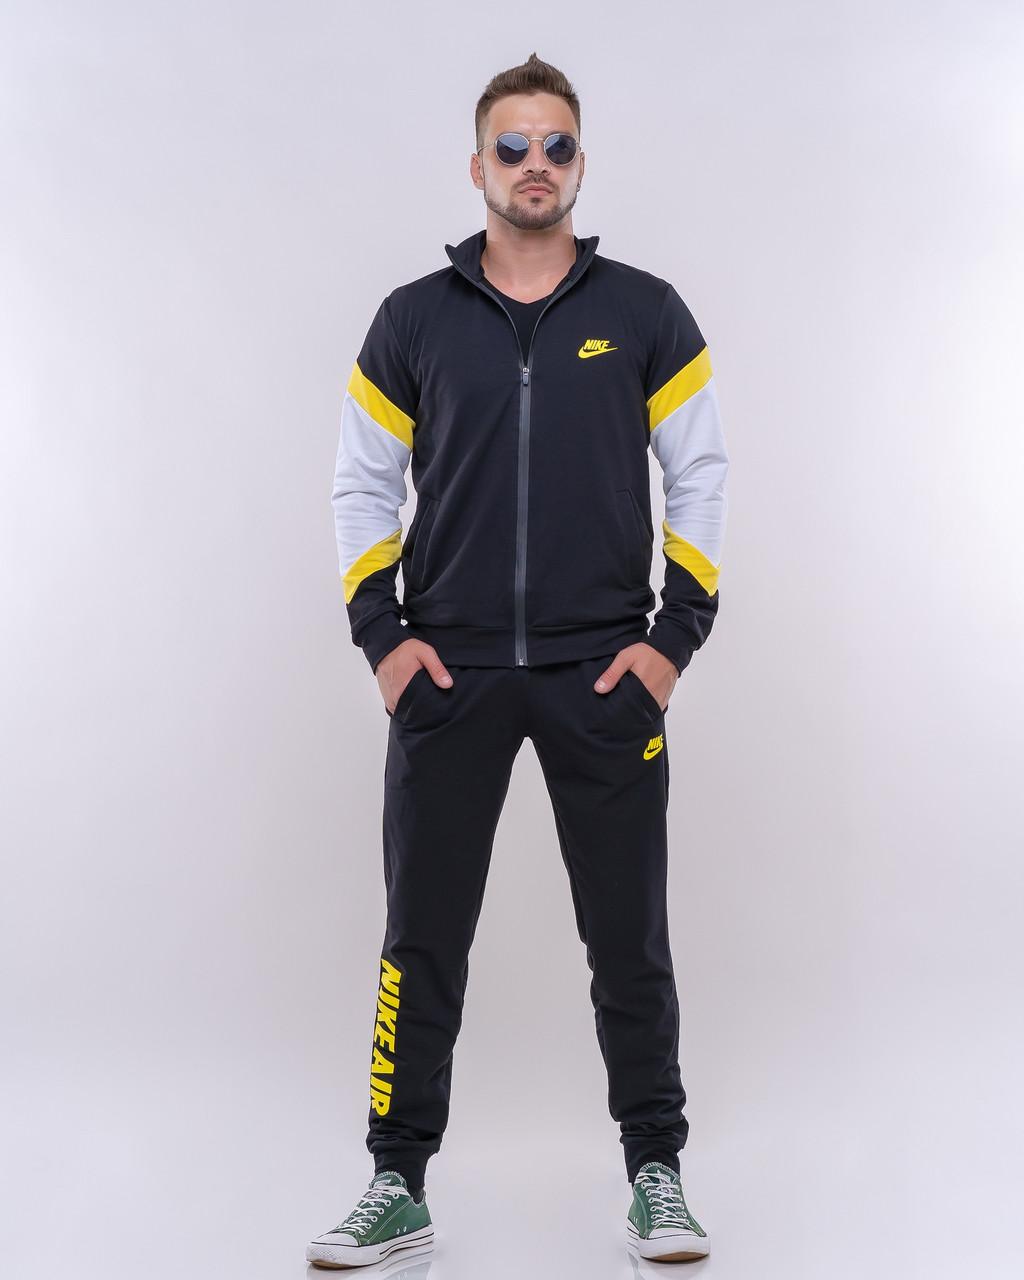 Стильный молодежный мужской спортивный костюм на молнии с капюшоном, реплика Nike